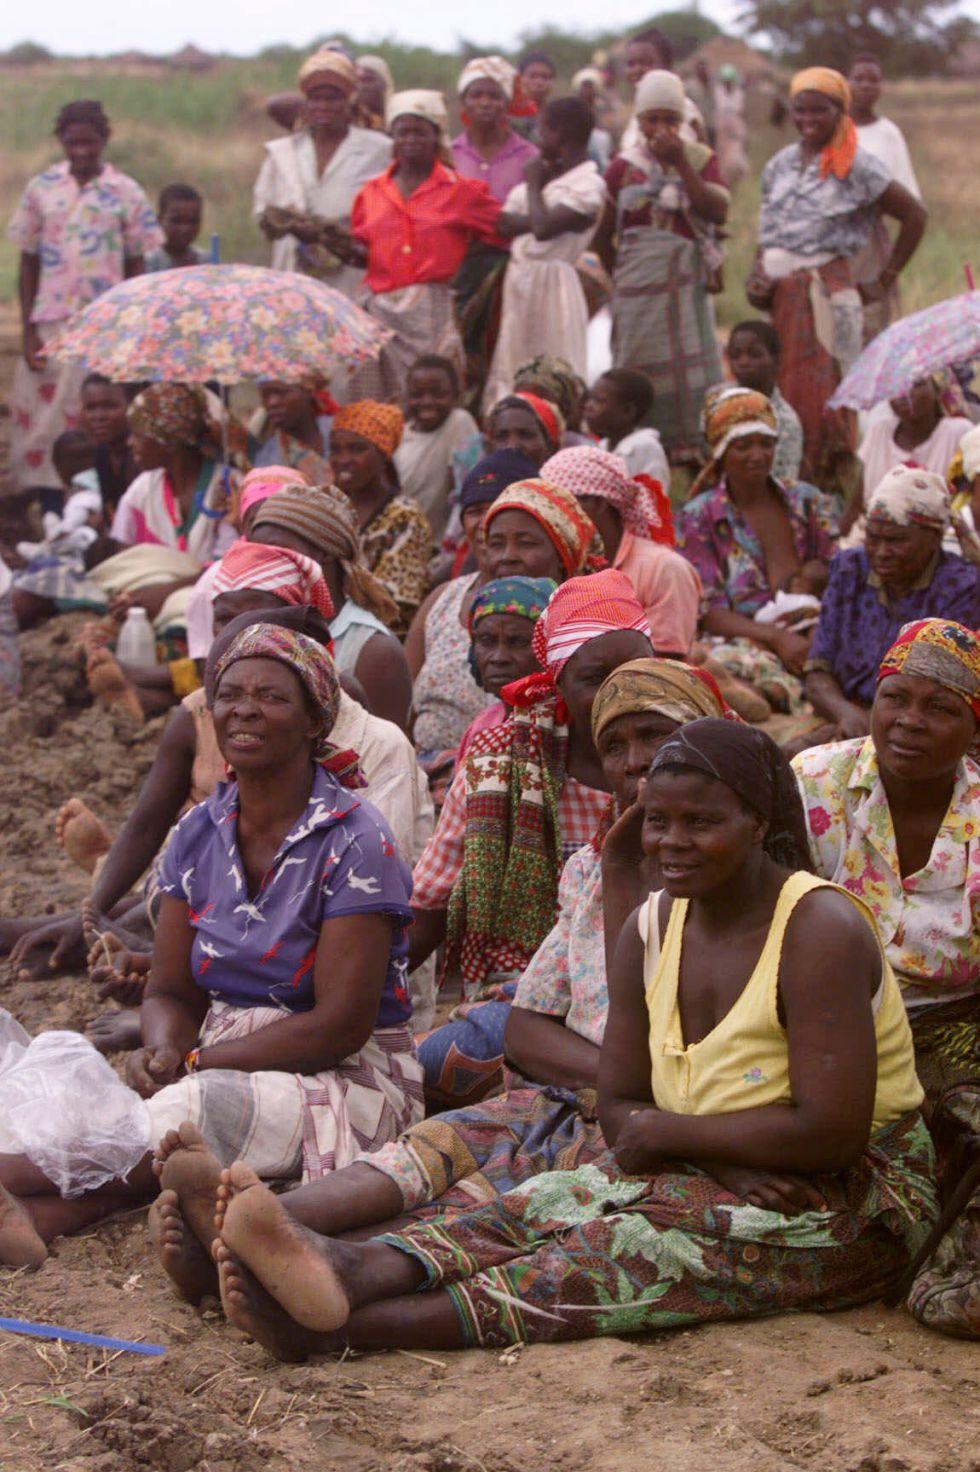 Mujeres y niños de una aldea mozambiqueña.